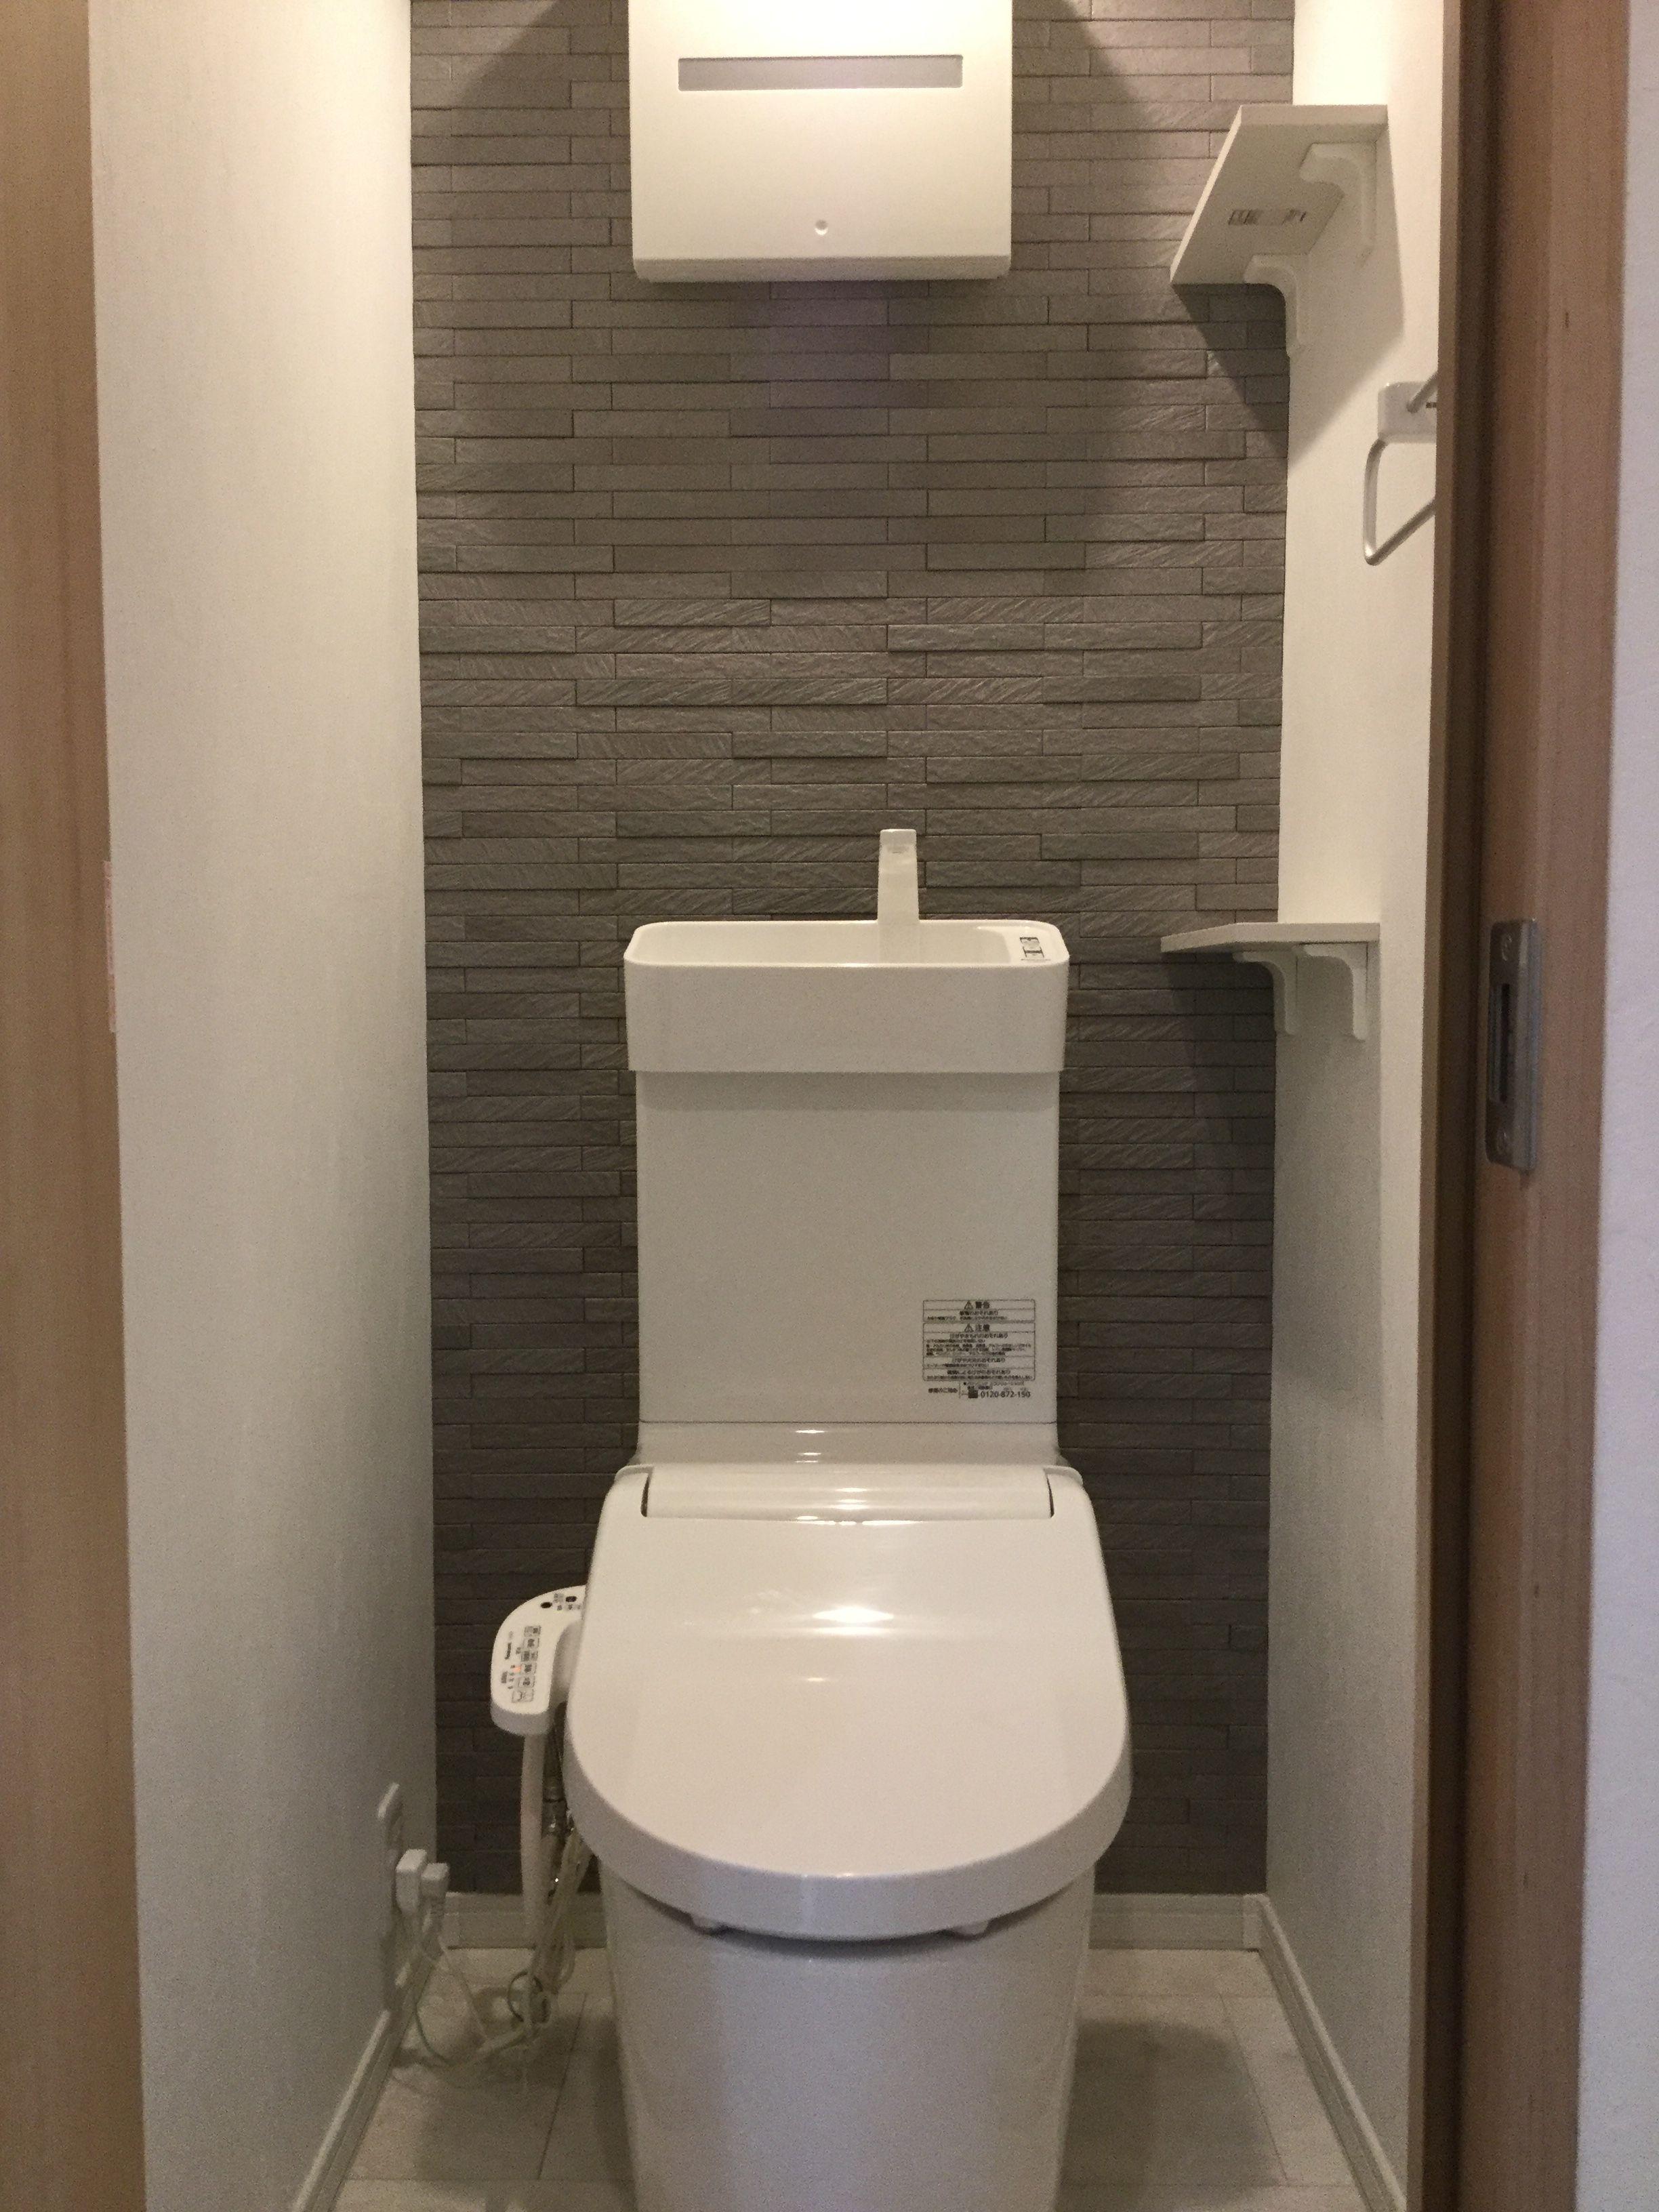 不動産 新築 リフォーム リノベーション マンション トイレ お